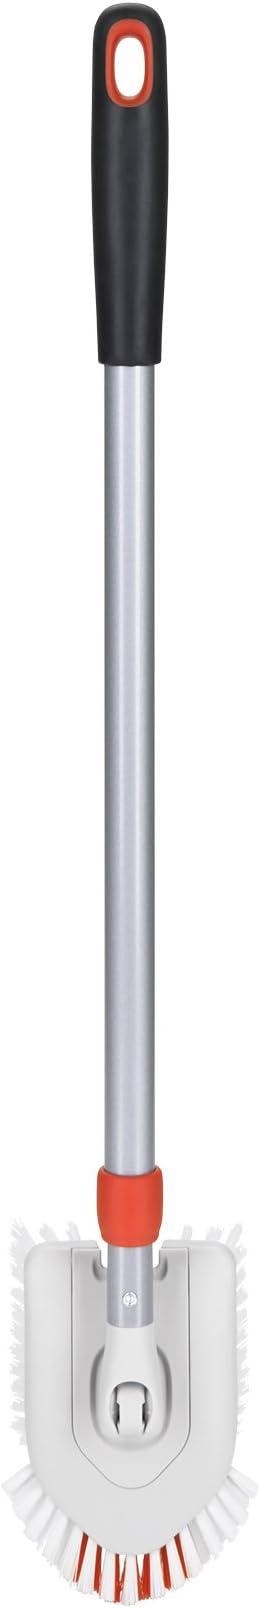 Multicolore OXO Good Grips Brosse Extensible pour Baignoire et carrelage Recharge